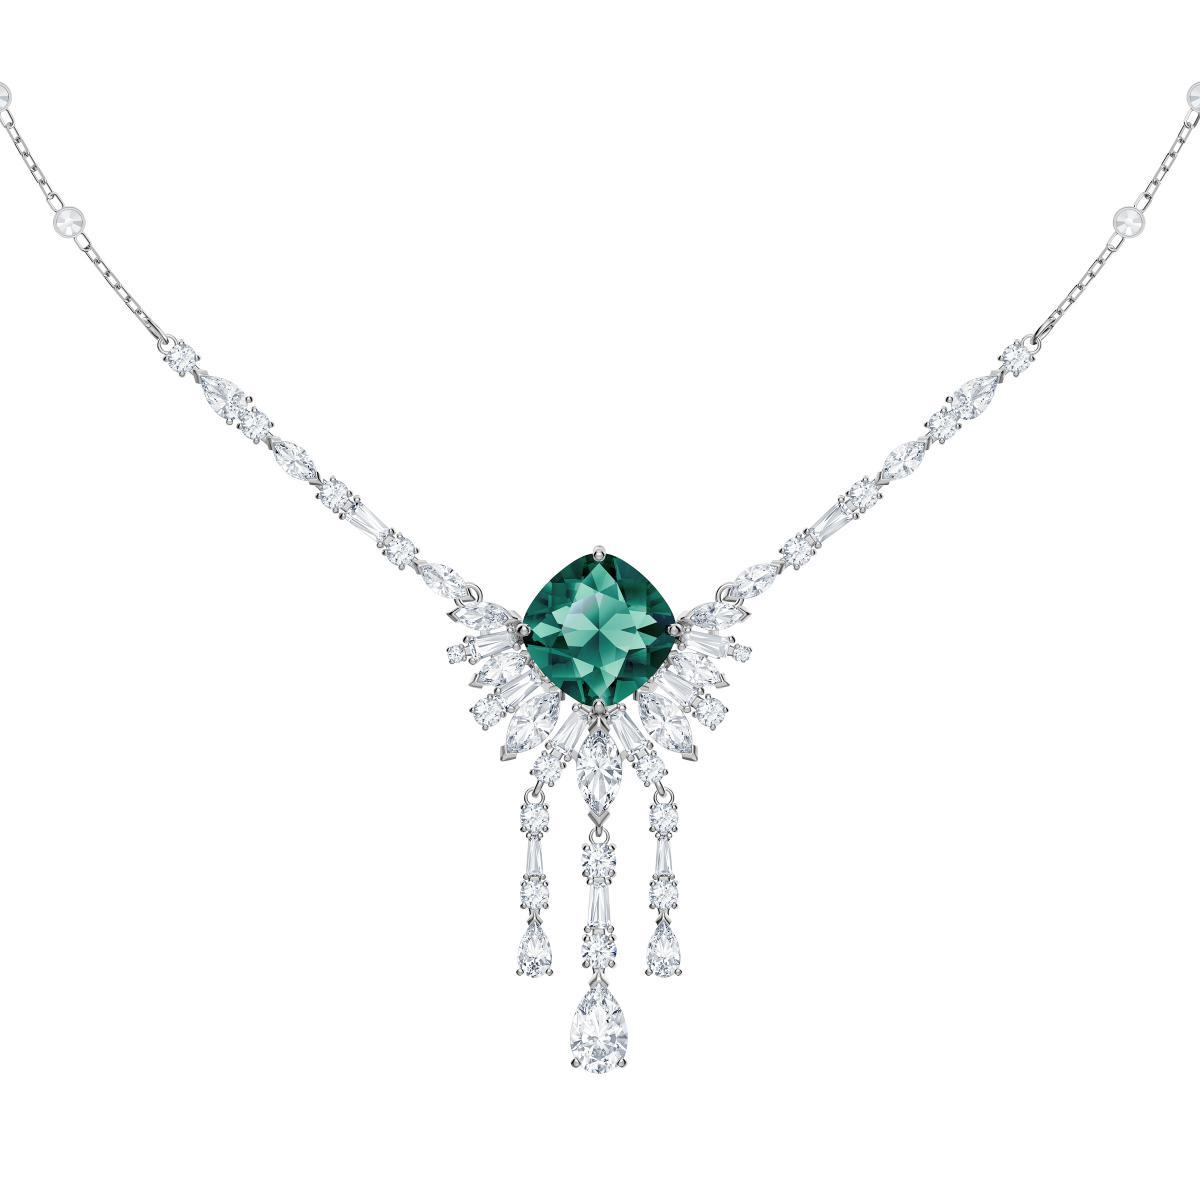 Collier et pendentif Swarovski 5498815 Femme